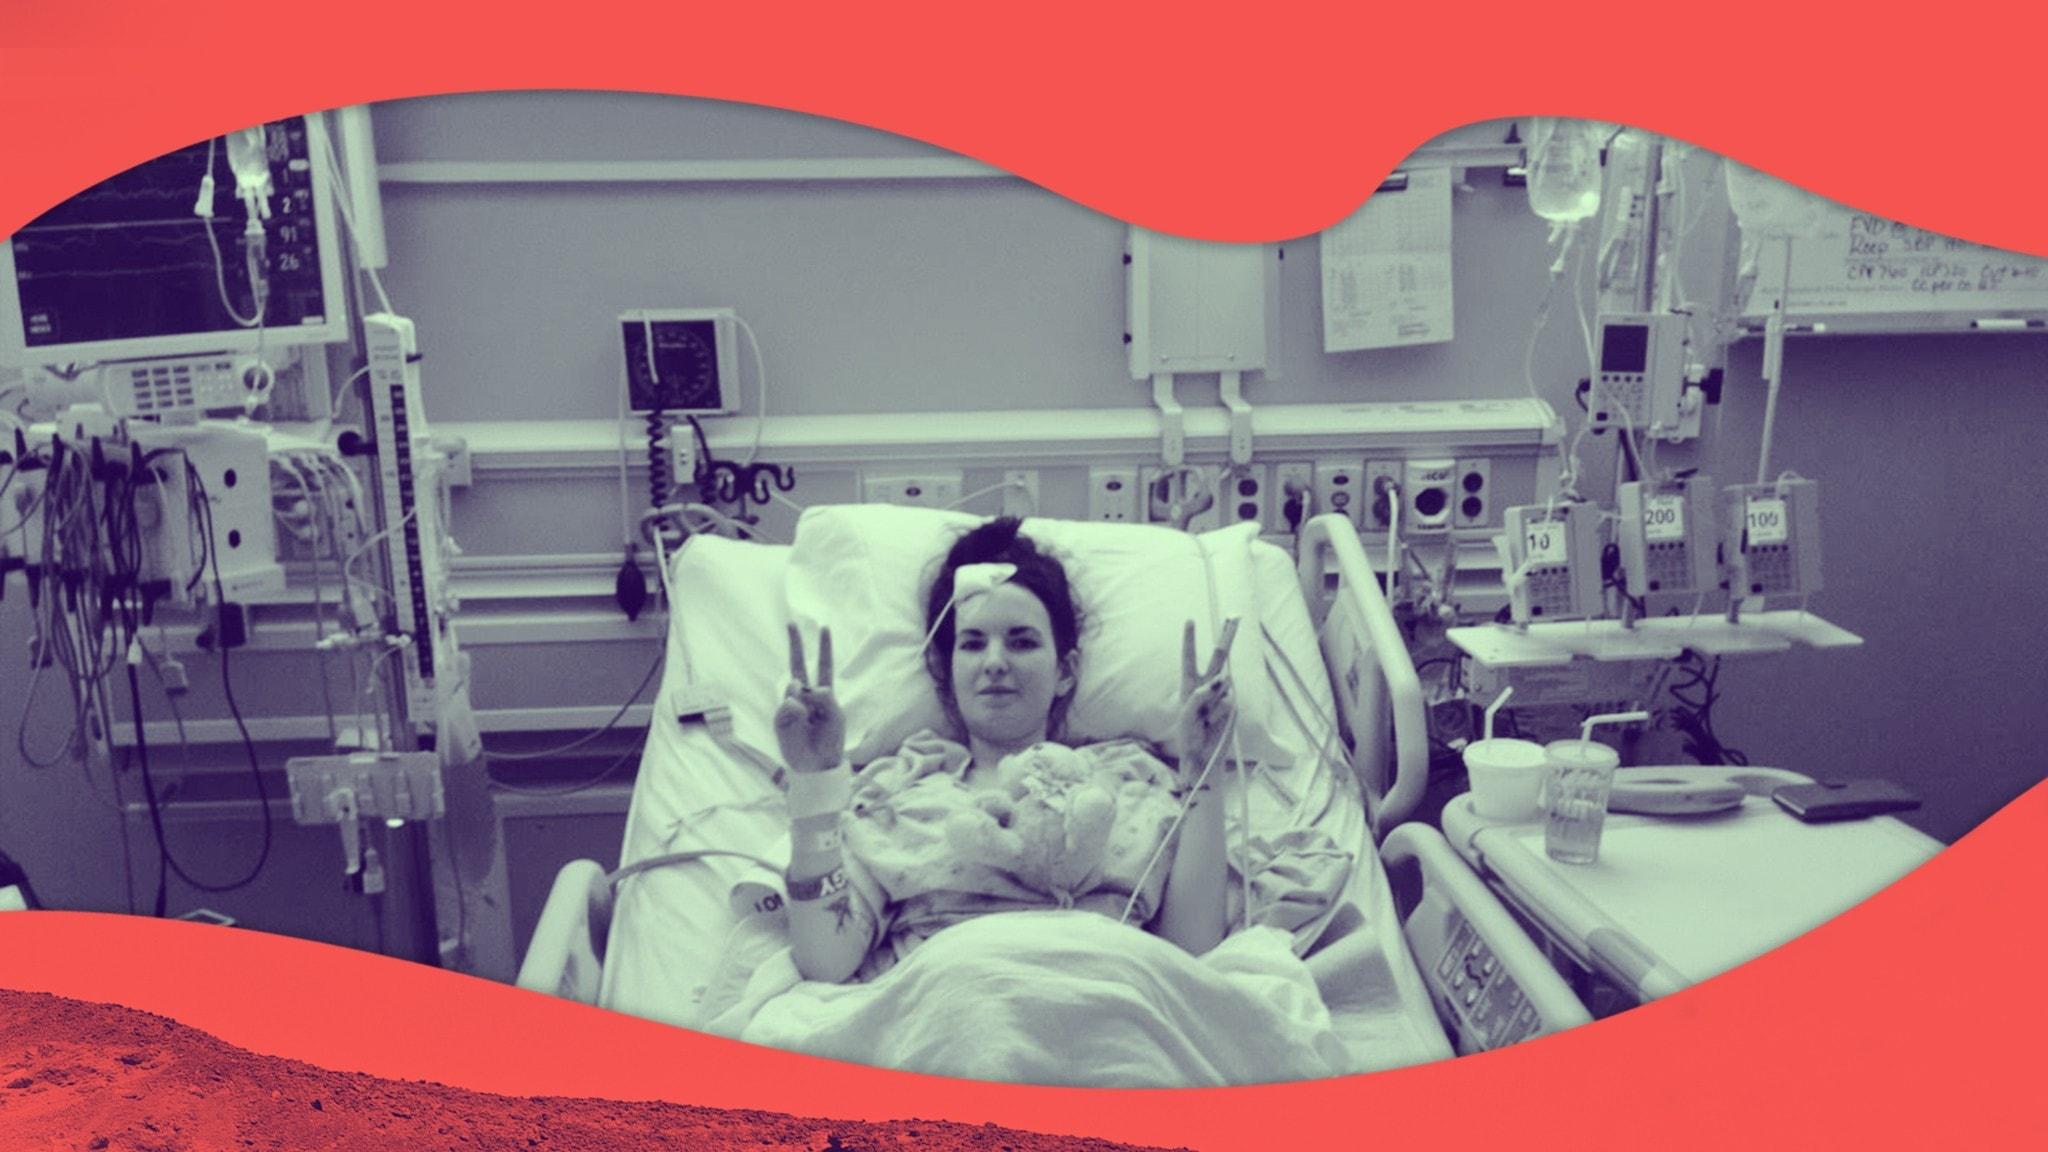 Emma ligger på sjukhussängen och har precis opererat hjärnan.